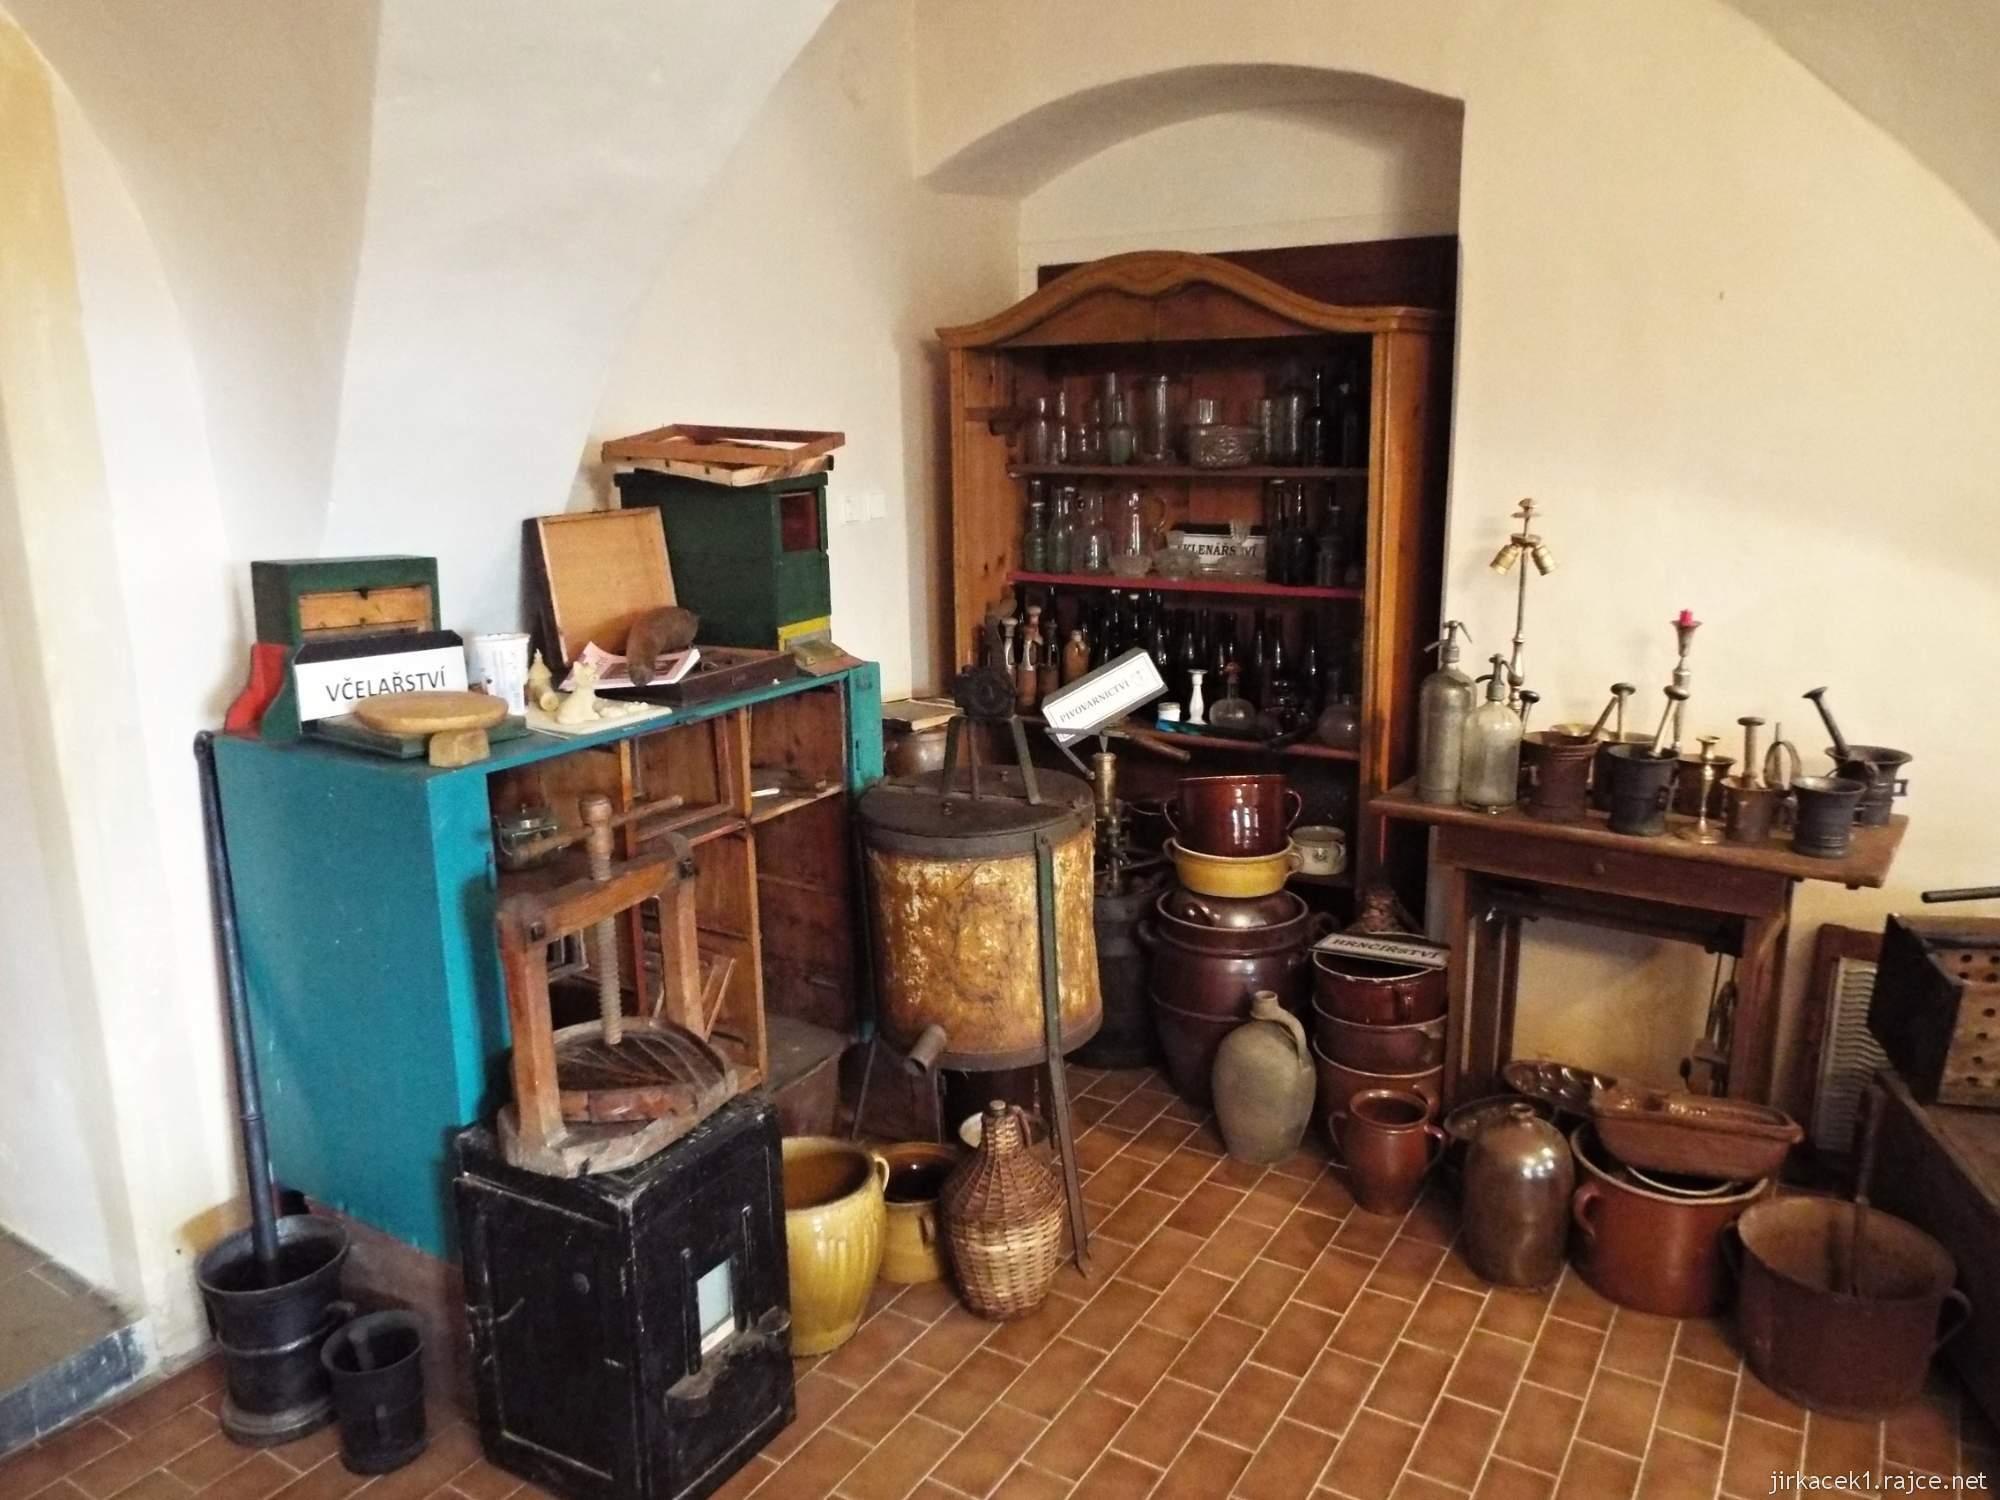 zámek Konice 09 - muzeum řemesel v 1.místnosti - expozice včelařství a pivovarnictví